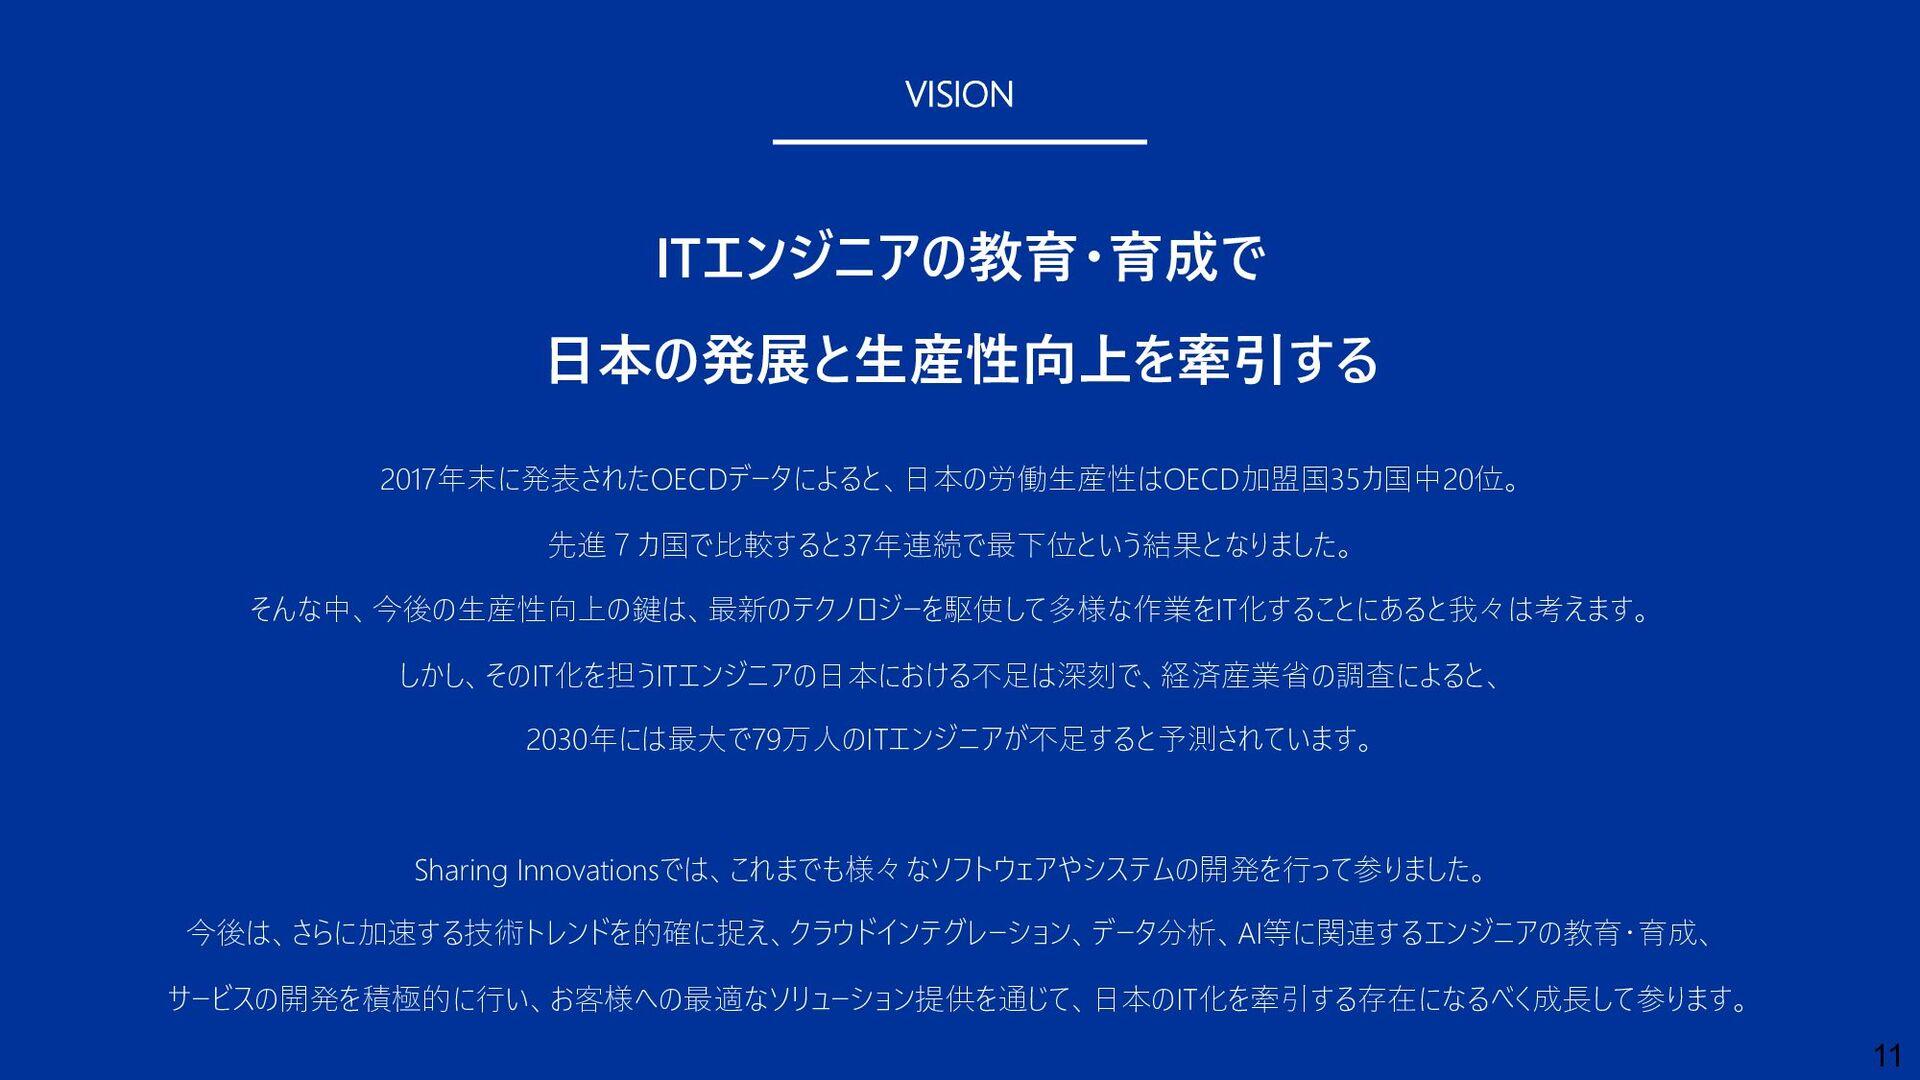 11 ITエンジニアの教育・育成で ⽇本の発展と⽣産性向上を牽引する VISION 2017年...